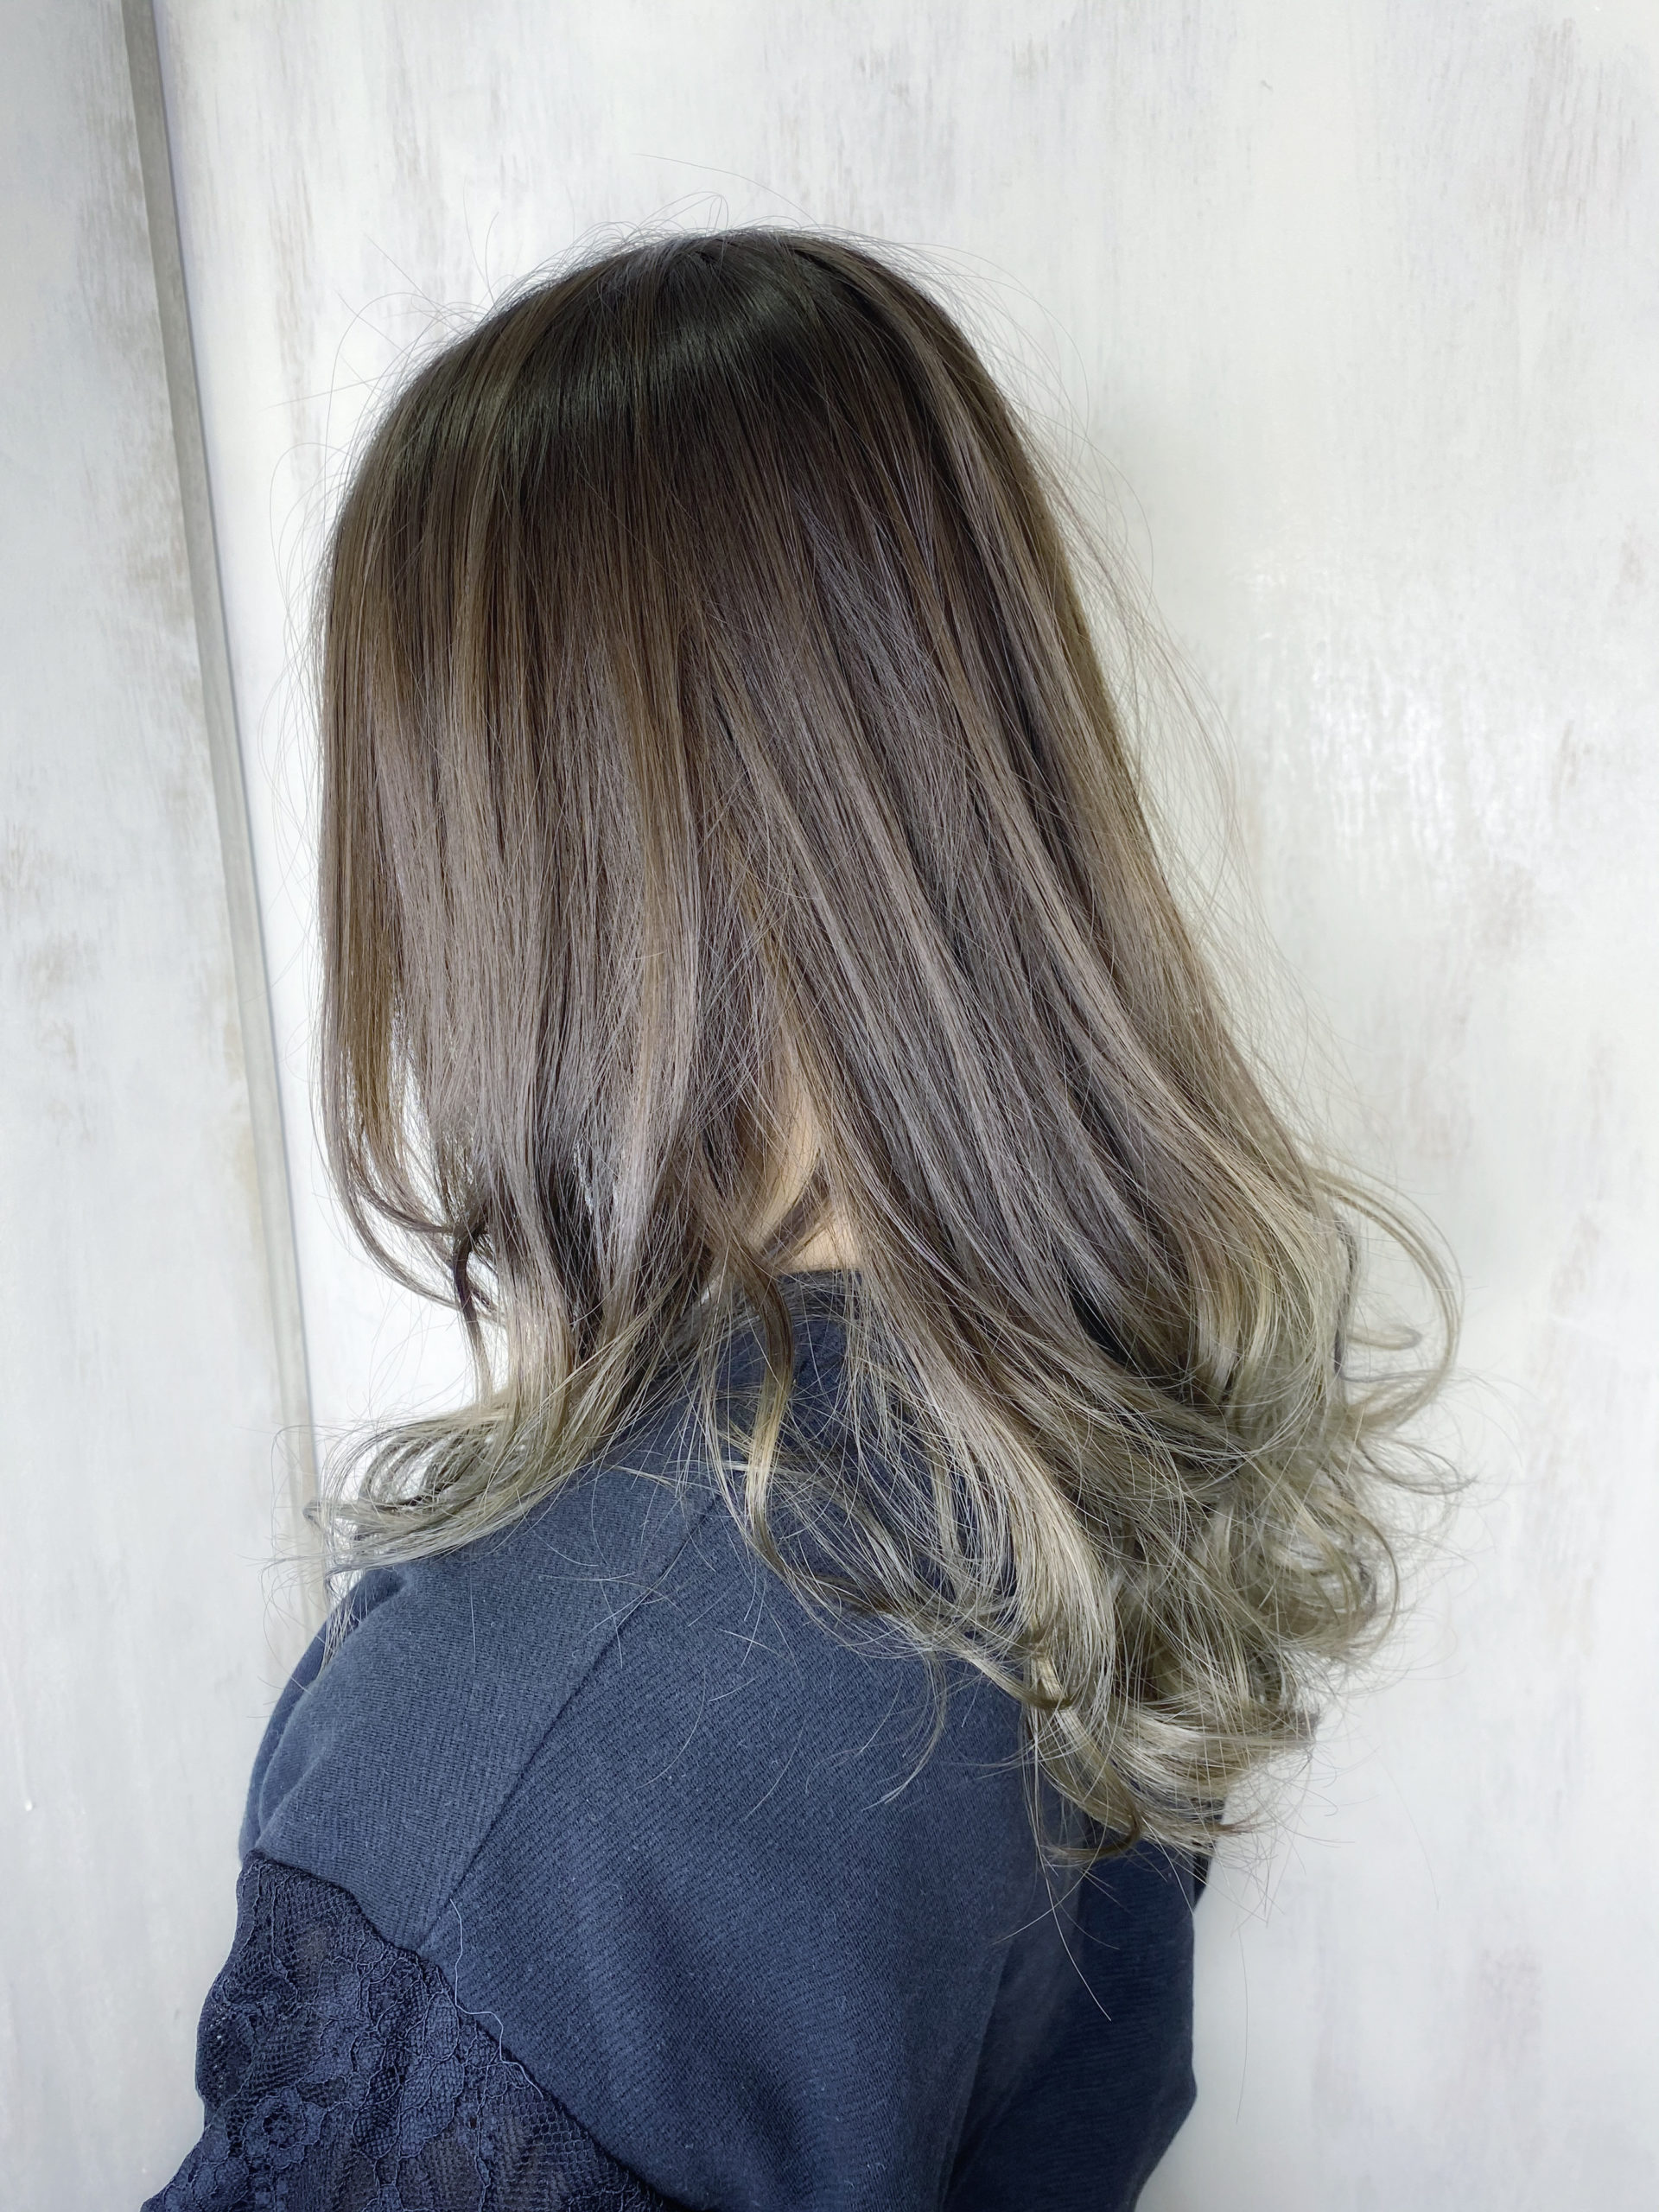 ケアブリーチとオレオルカラーで艶髪グラデーションカラー。原宿・表参道『髪のお悩みを解決するヘアケア美容師の挑戦』